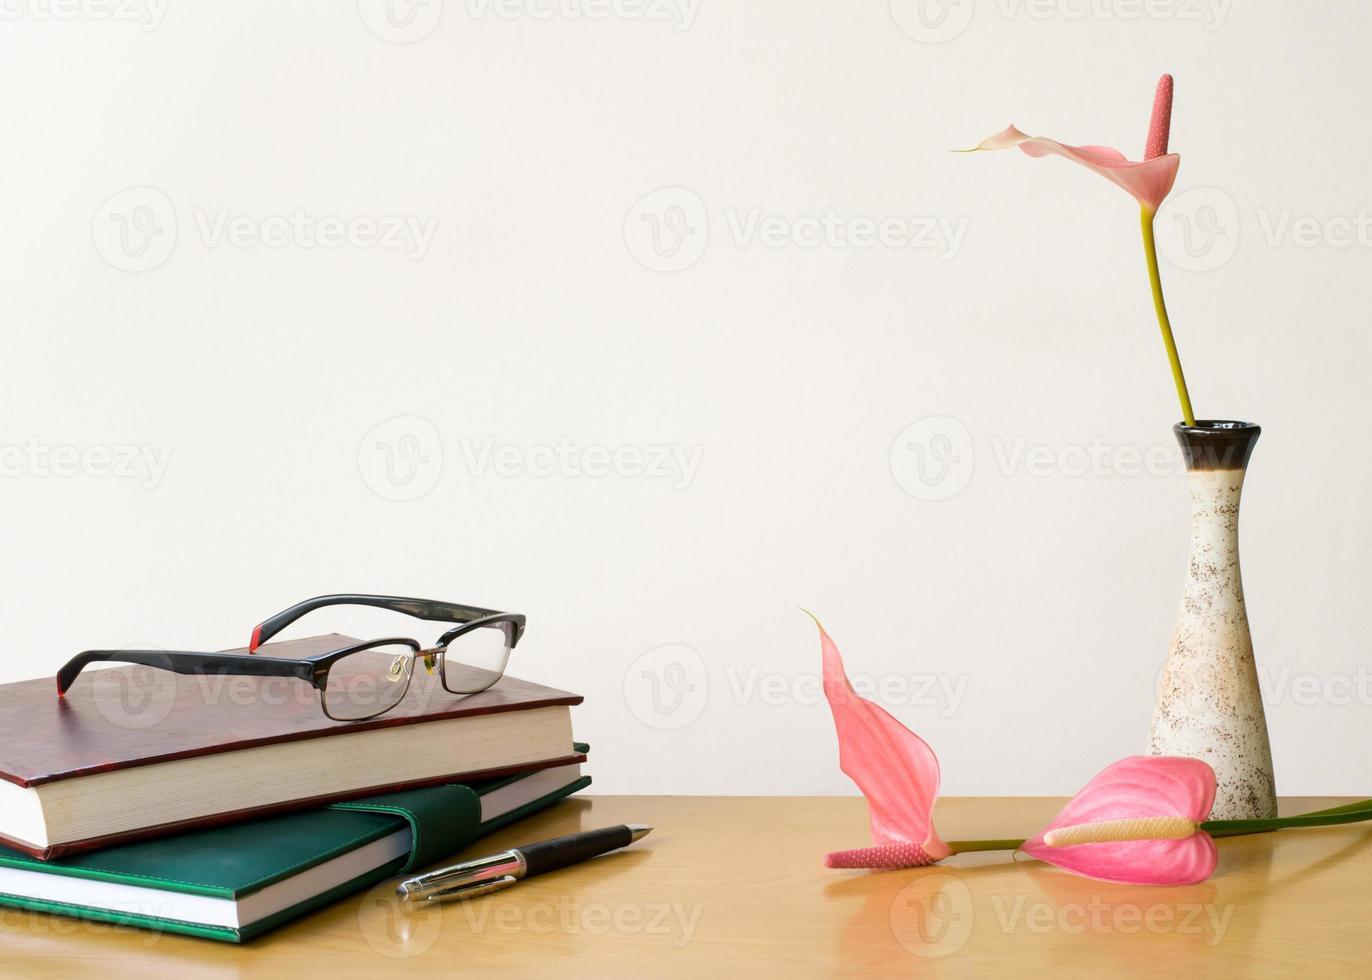 compositie op bureau met boeken en bloemen foto